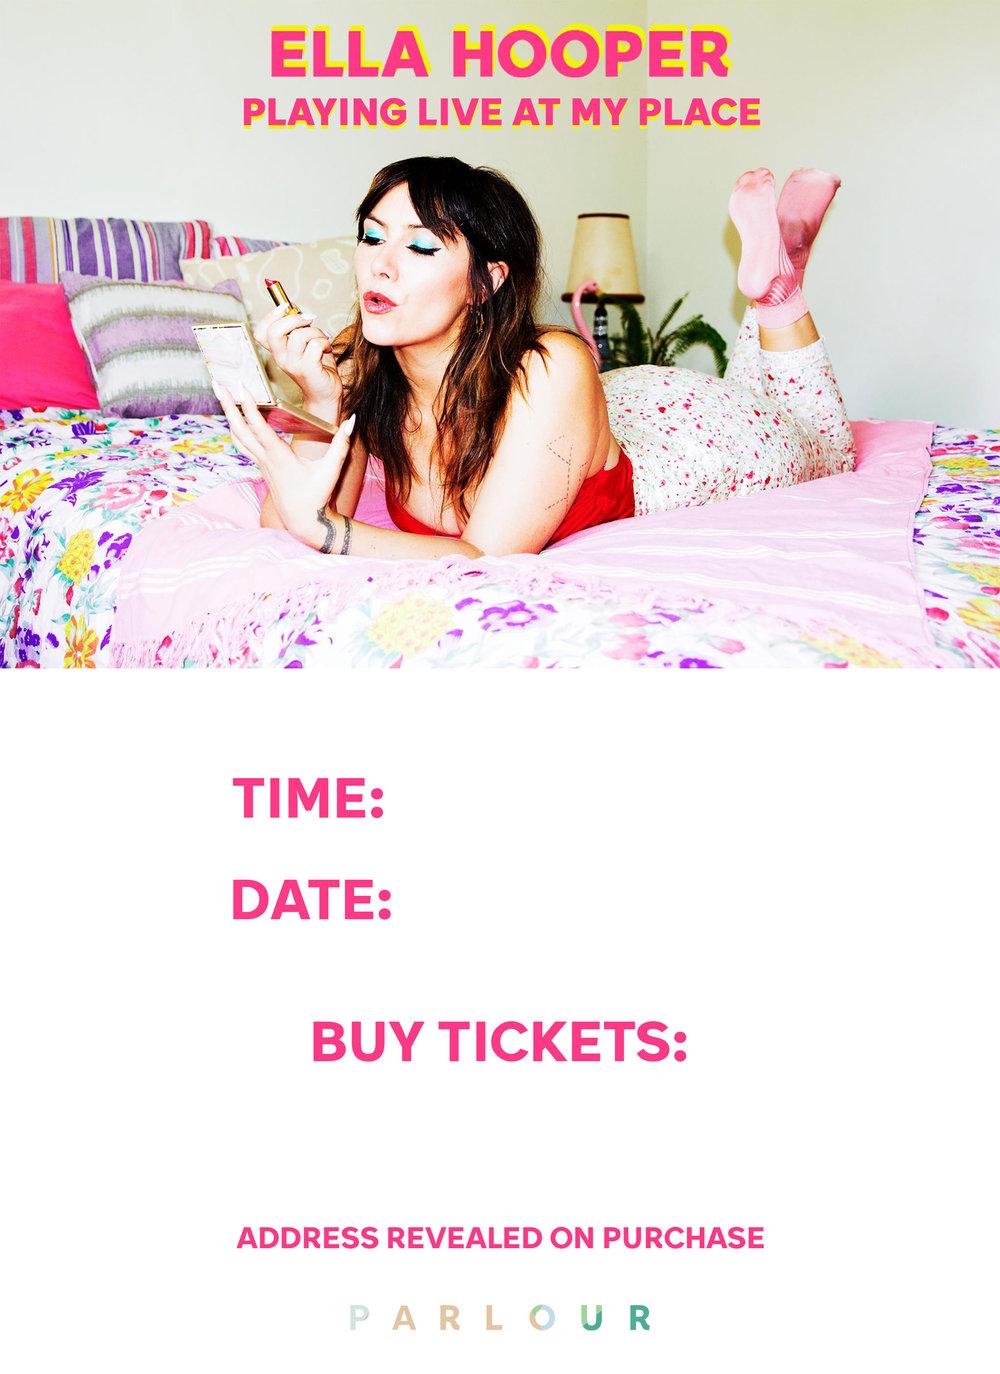 Ella Hooper Host Poster.jpg